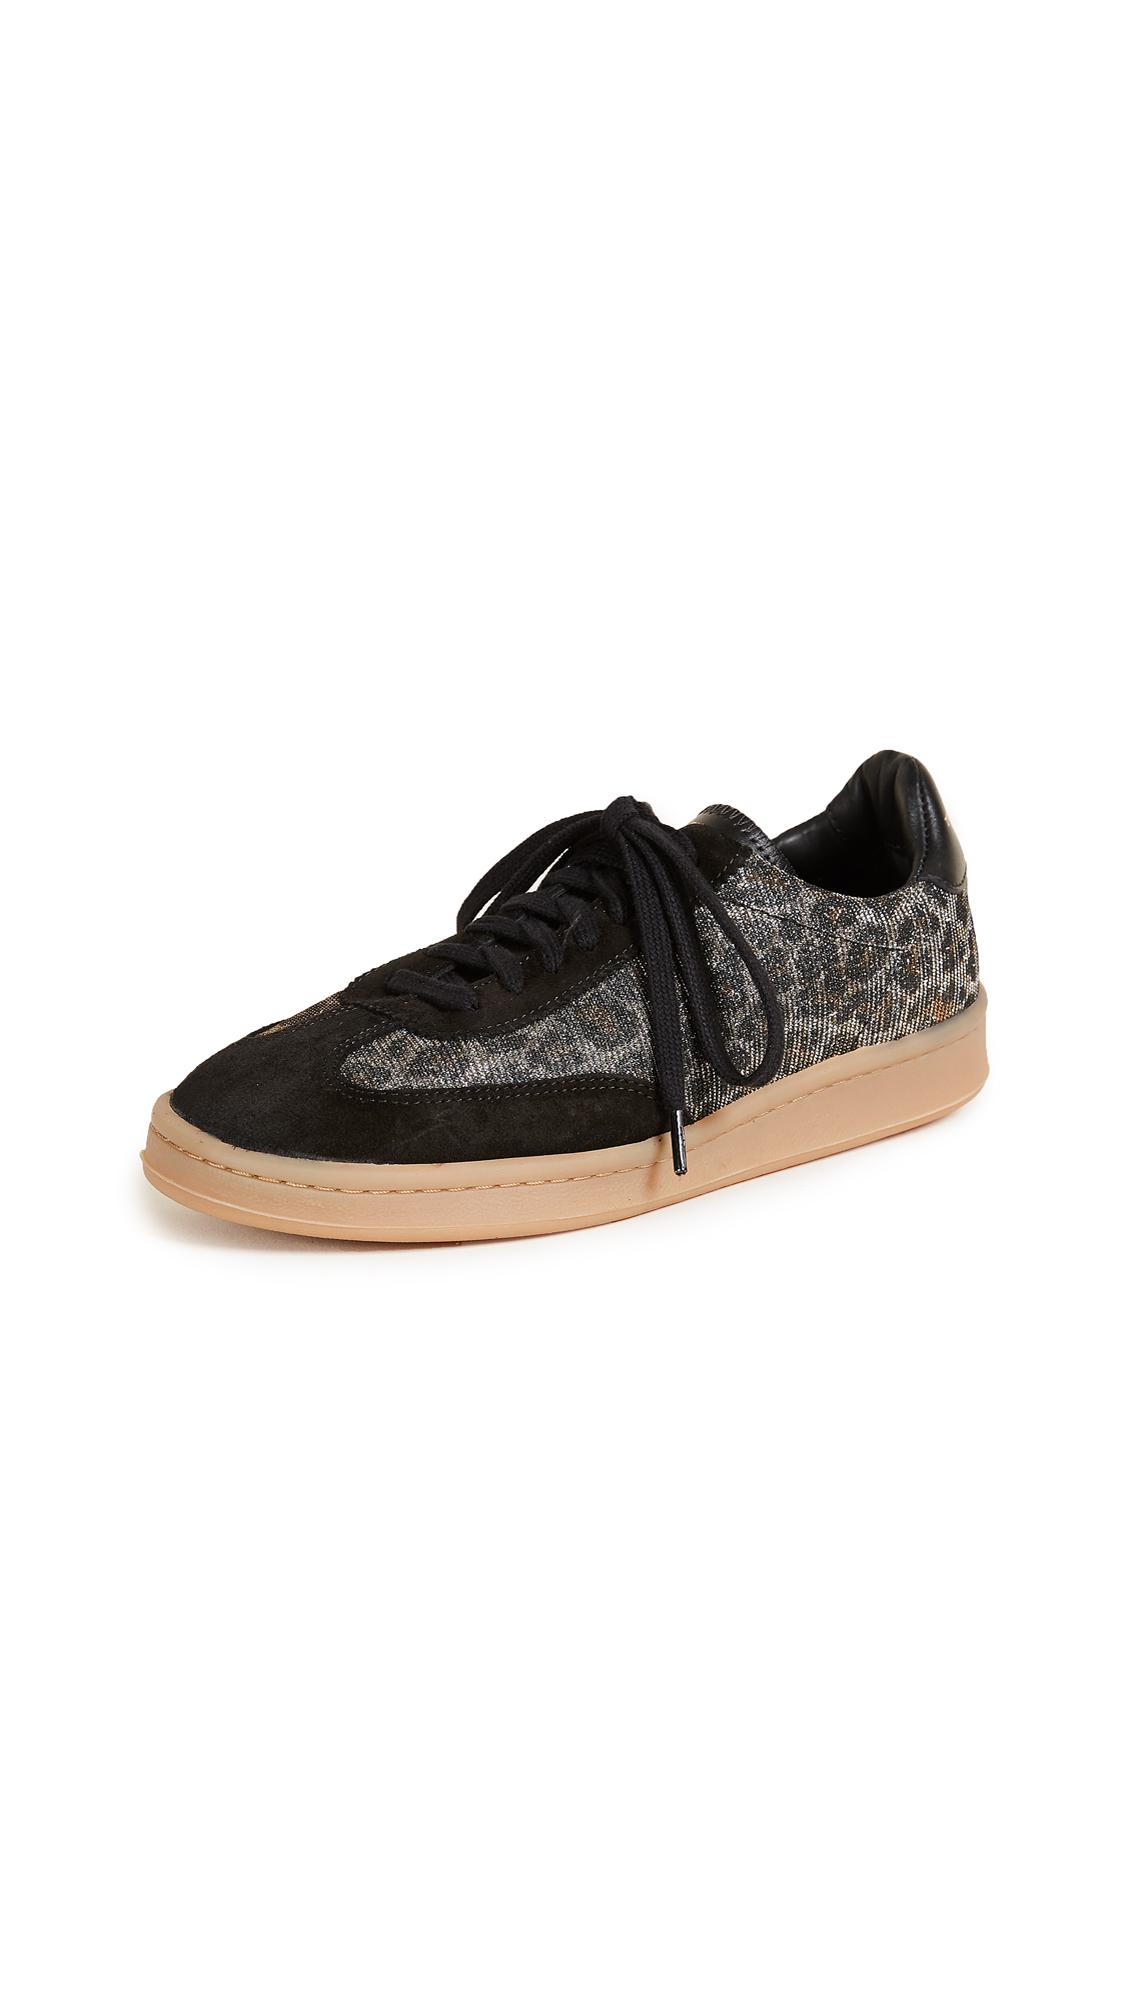 Zespa Leopard Glitter Sneakers - Black/Leopard